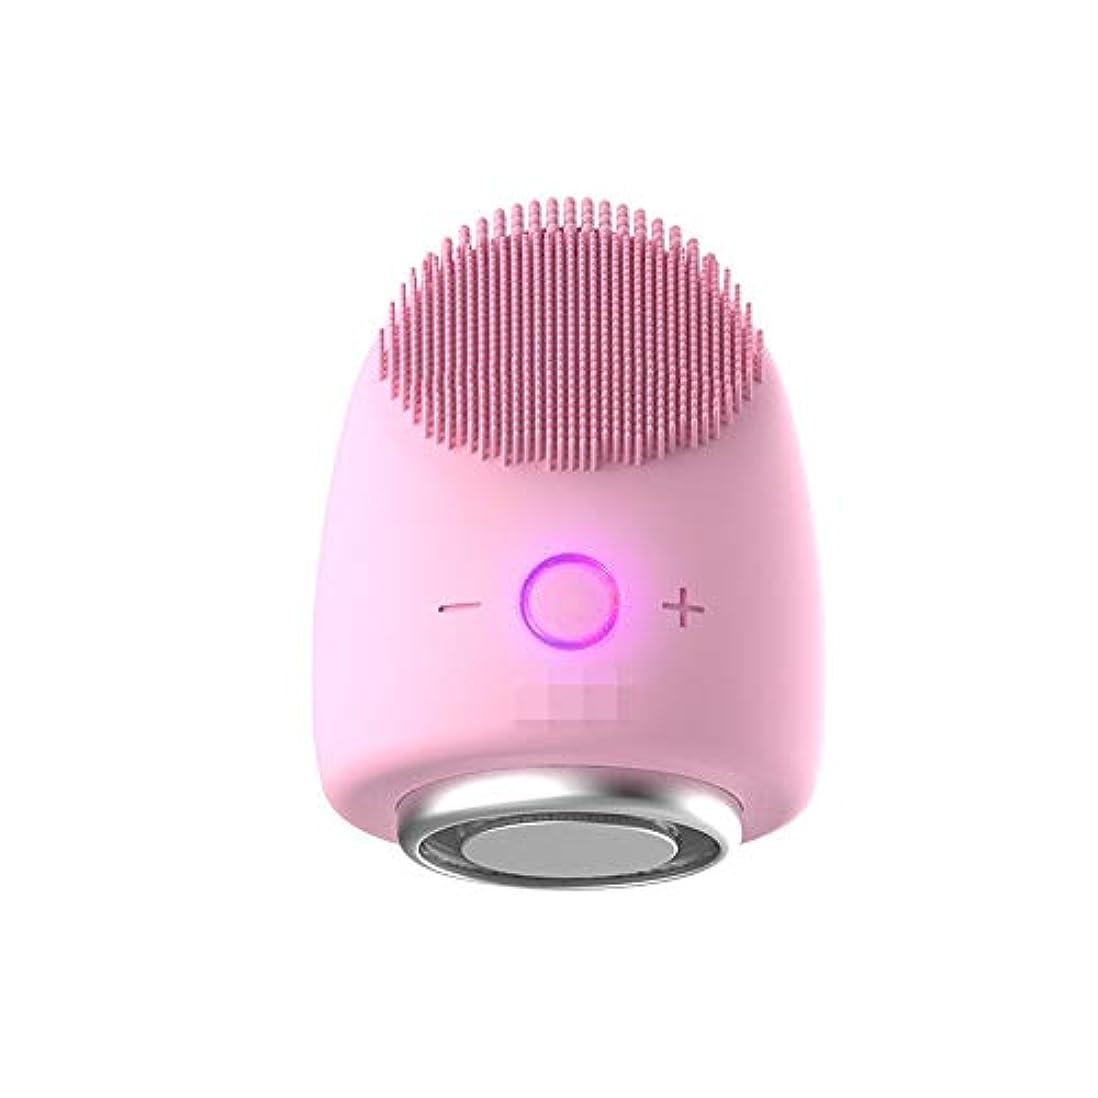 急速な衝突する四分円Chaopeng 多機能美容器具洗浄器具導入器具凝縮ホットドレッシング肌活性化器具 (Color : ピンク)